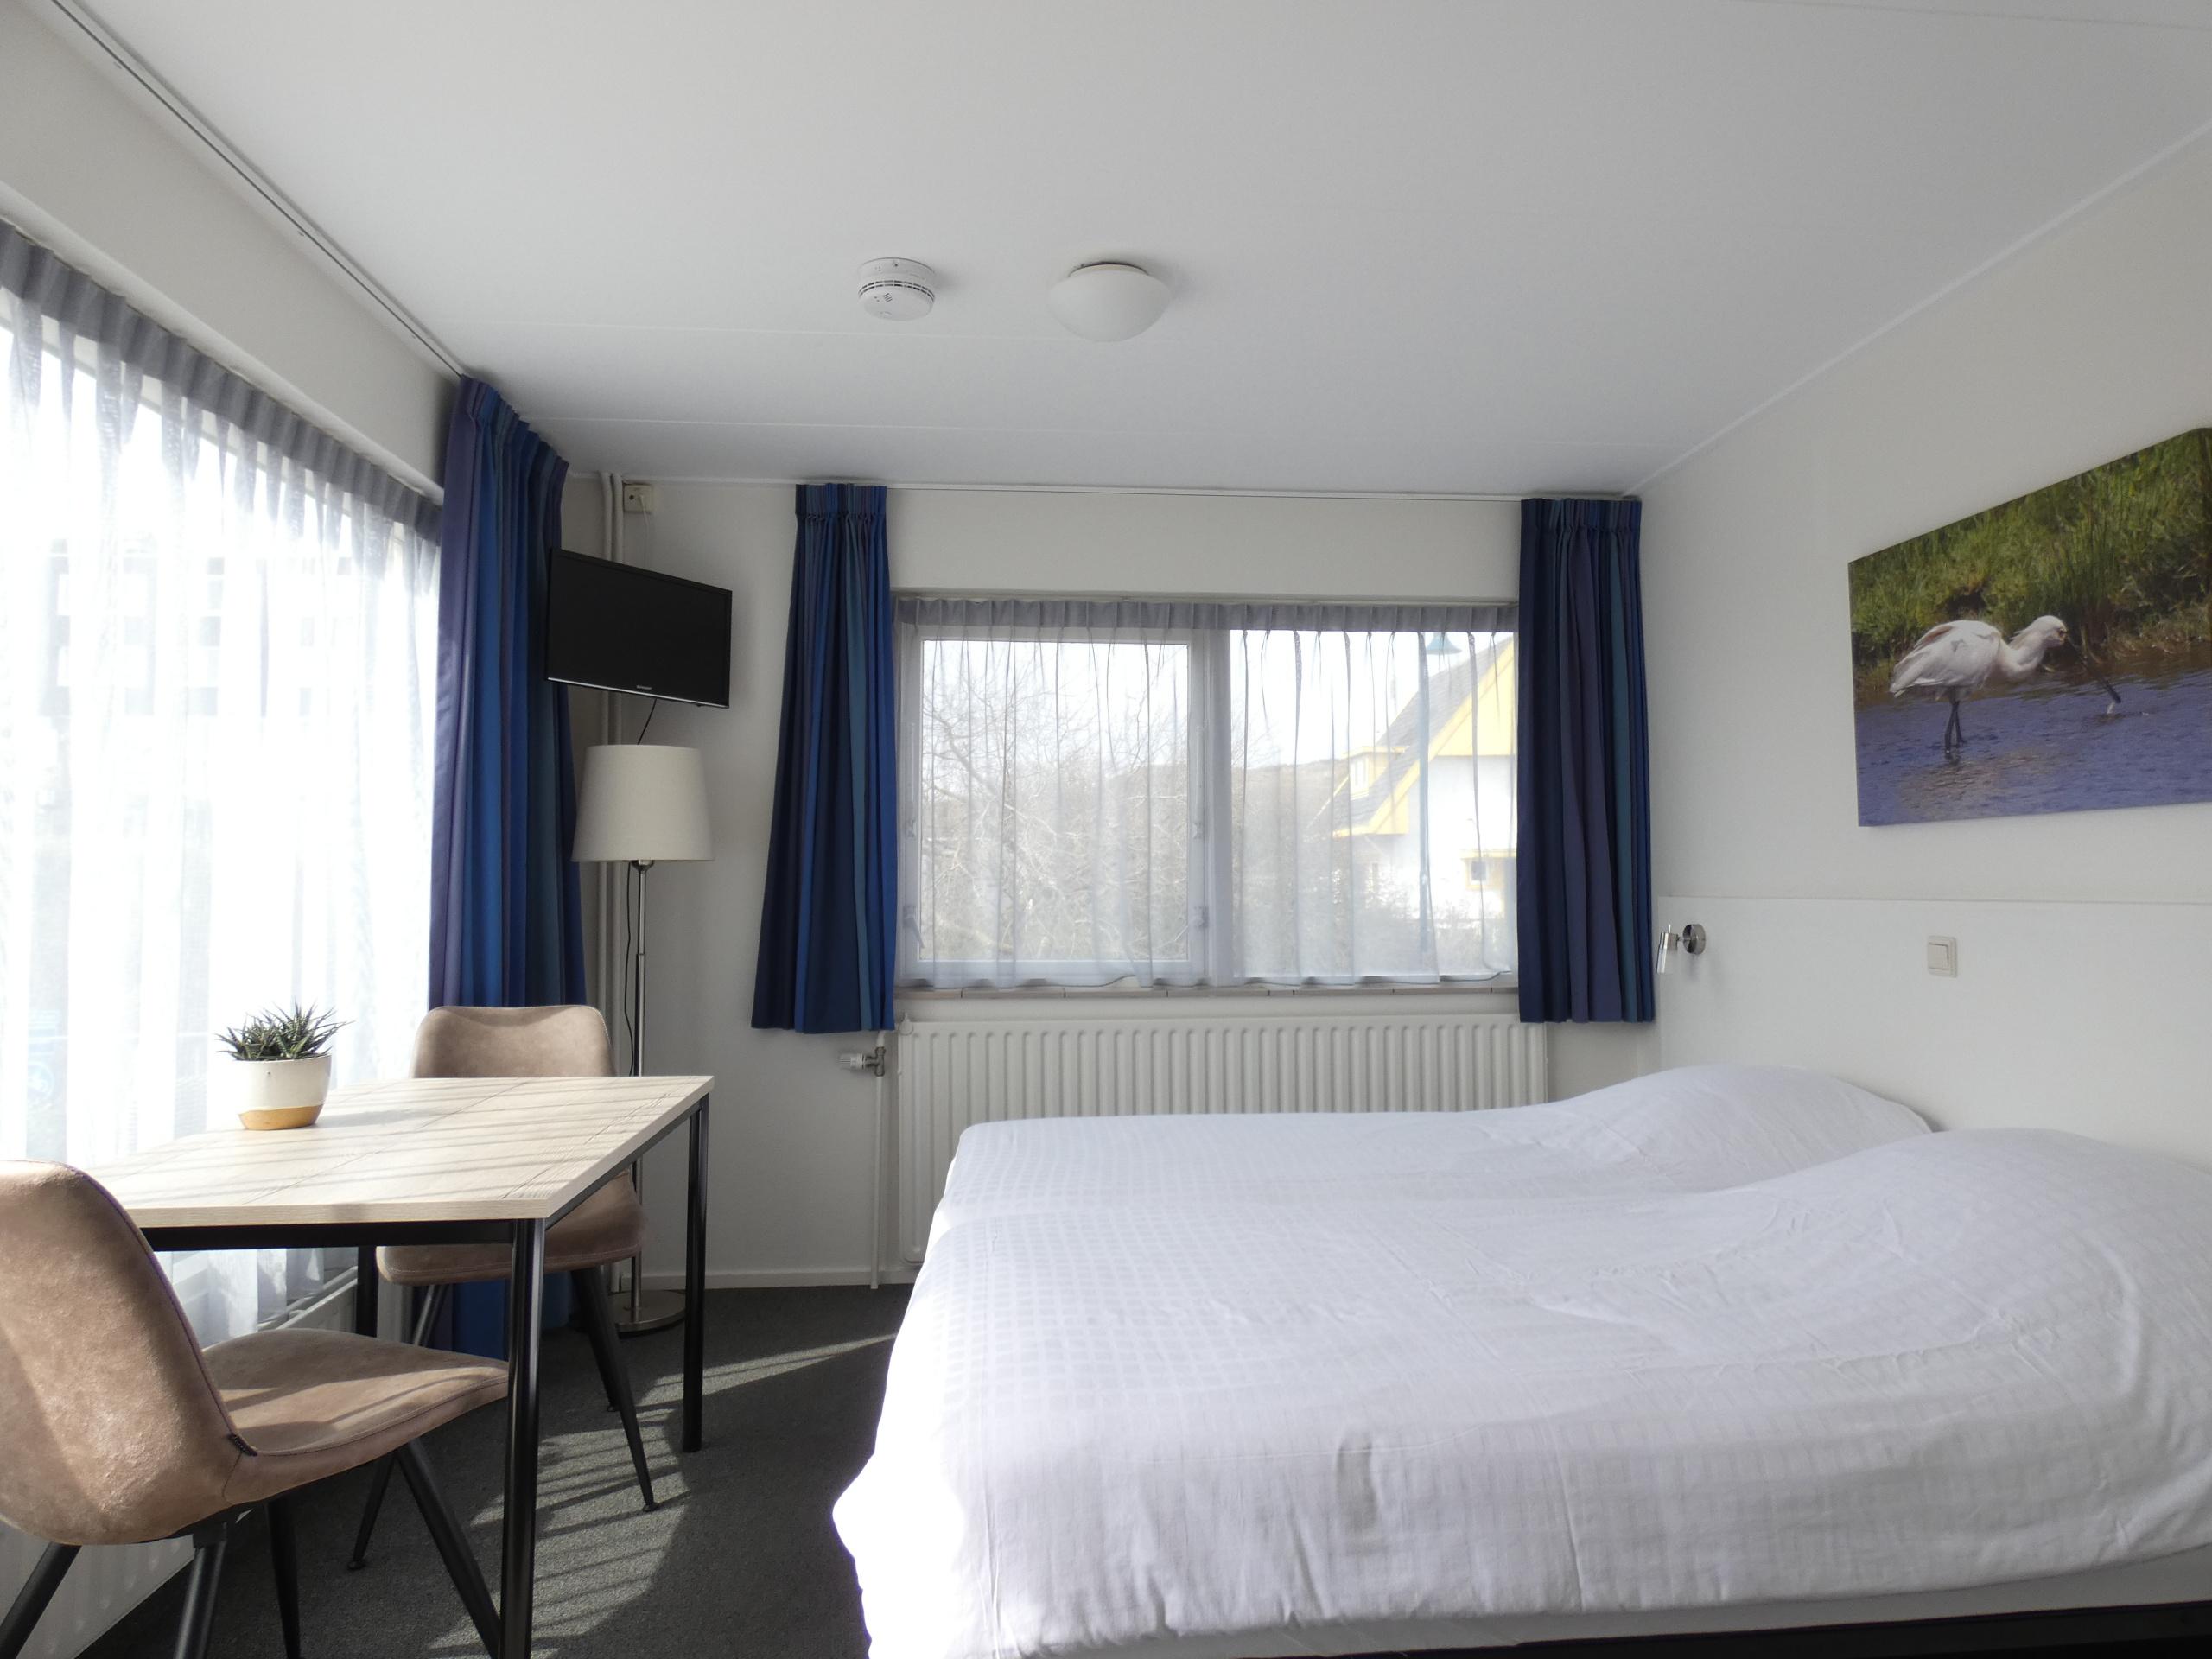 B & B mit Balkon und reichhaltigem Frühstück in Ihrem Zimmer in zentraler Lage in De Koog